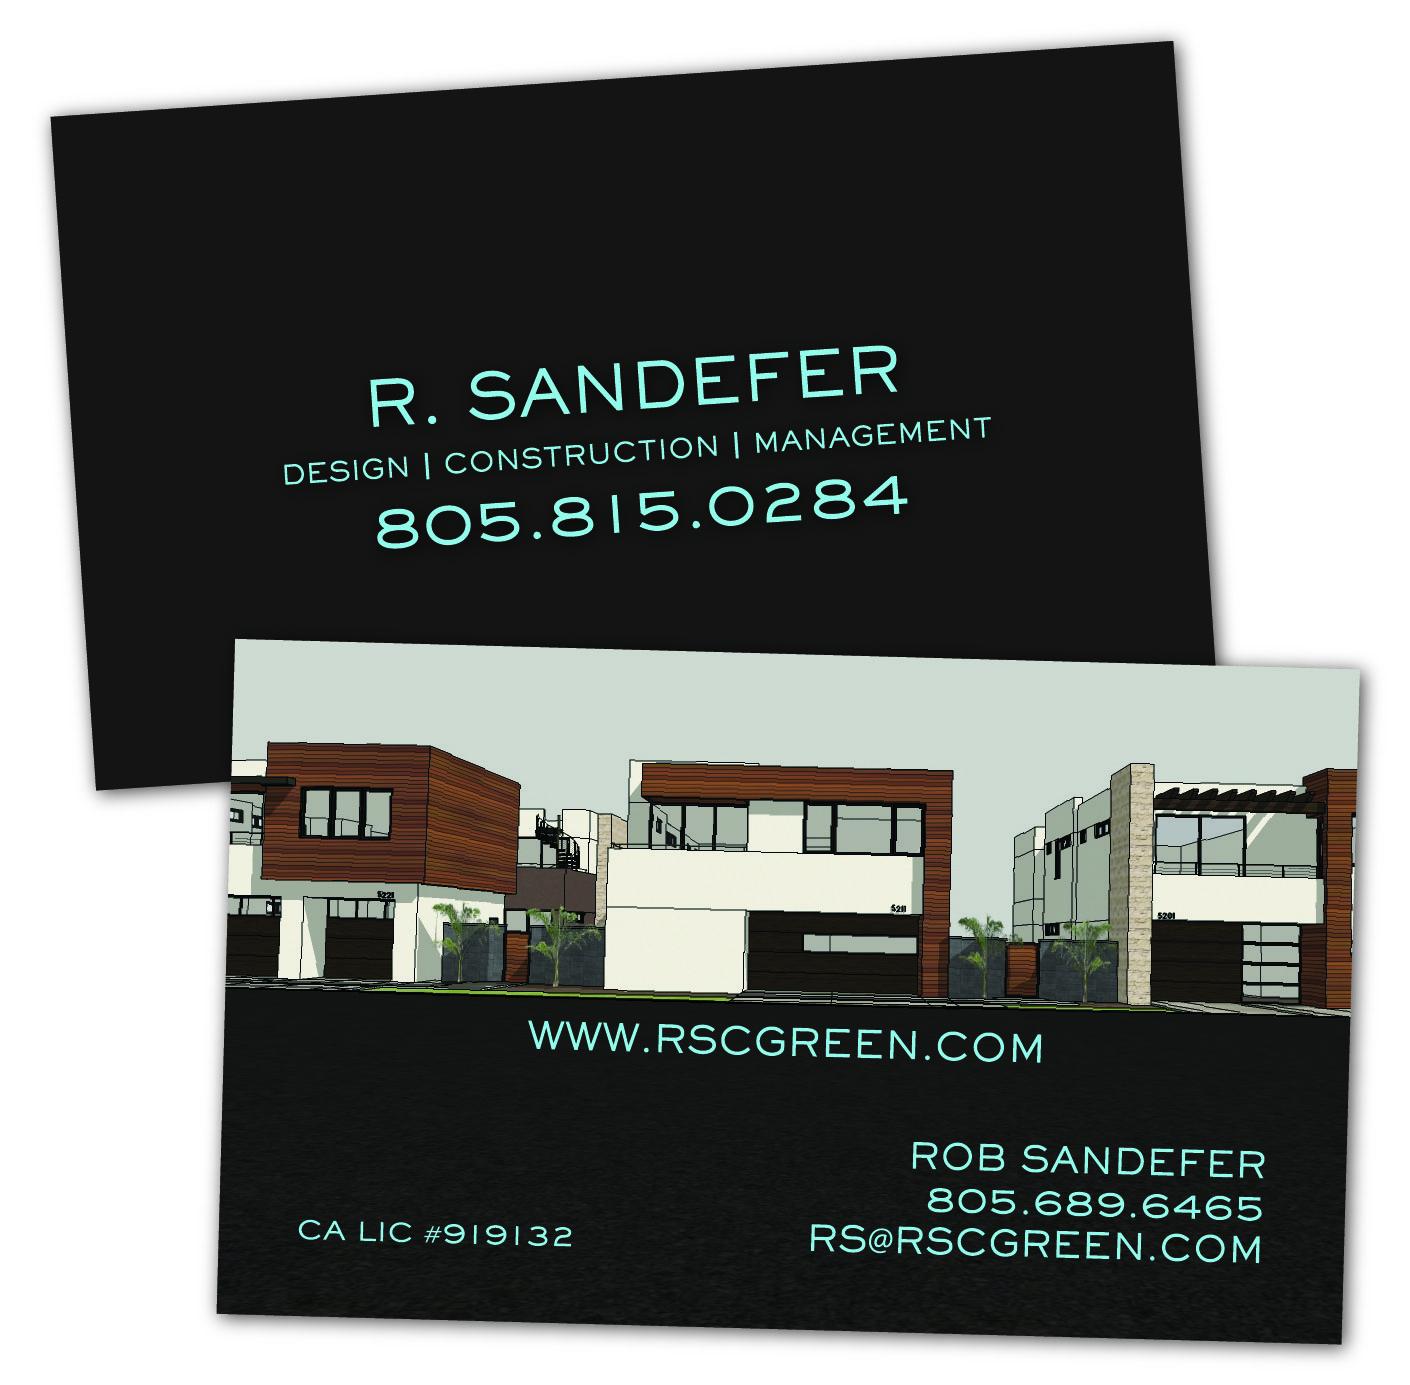 Sandefer business card-01.jpg